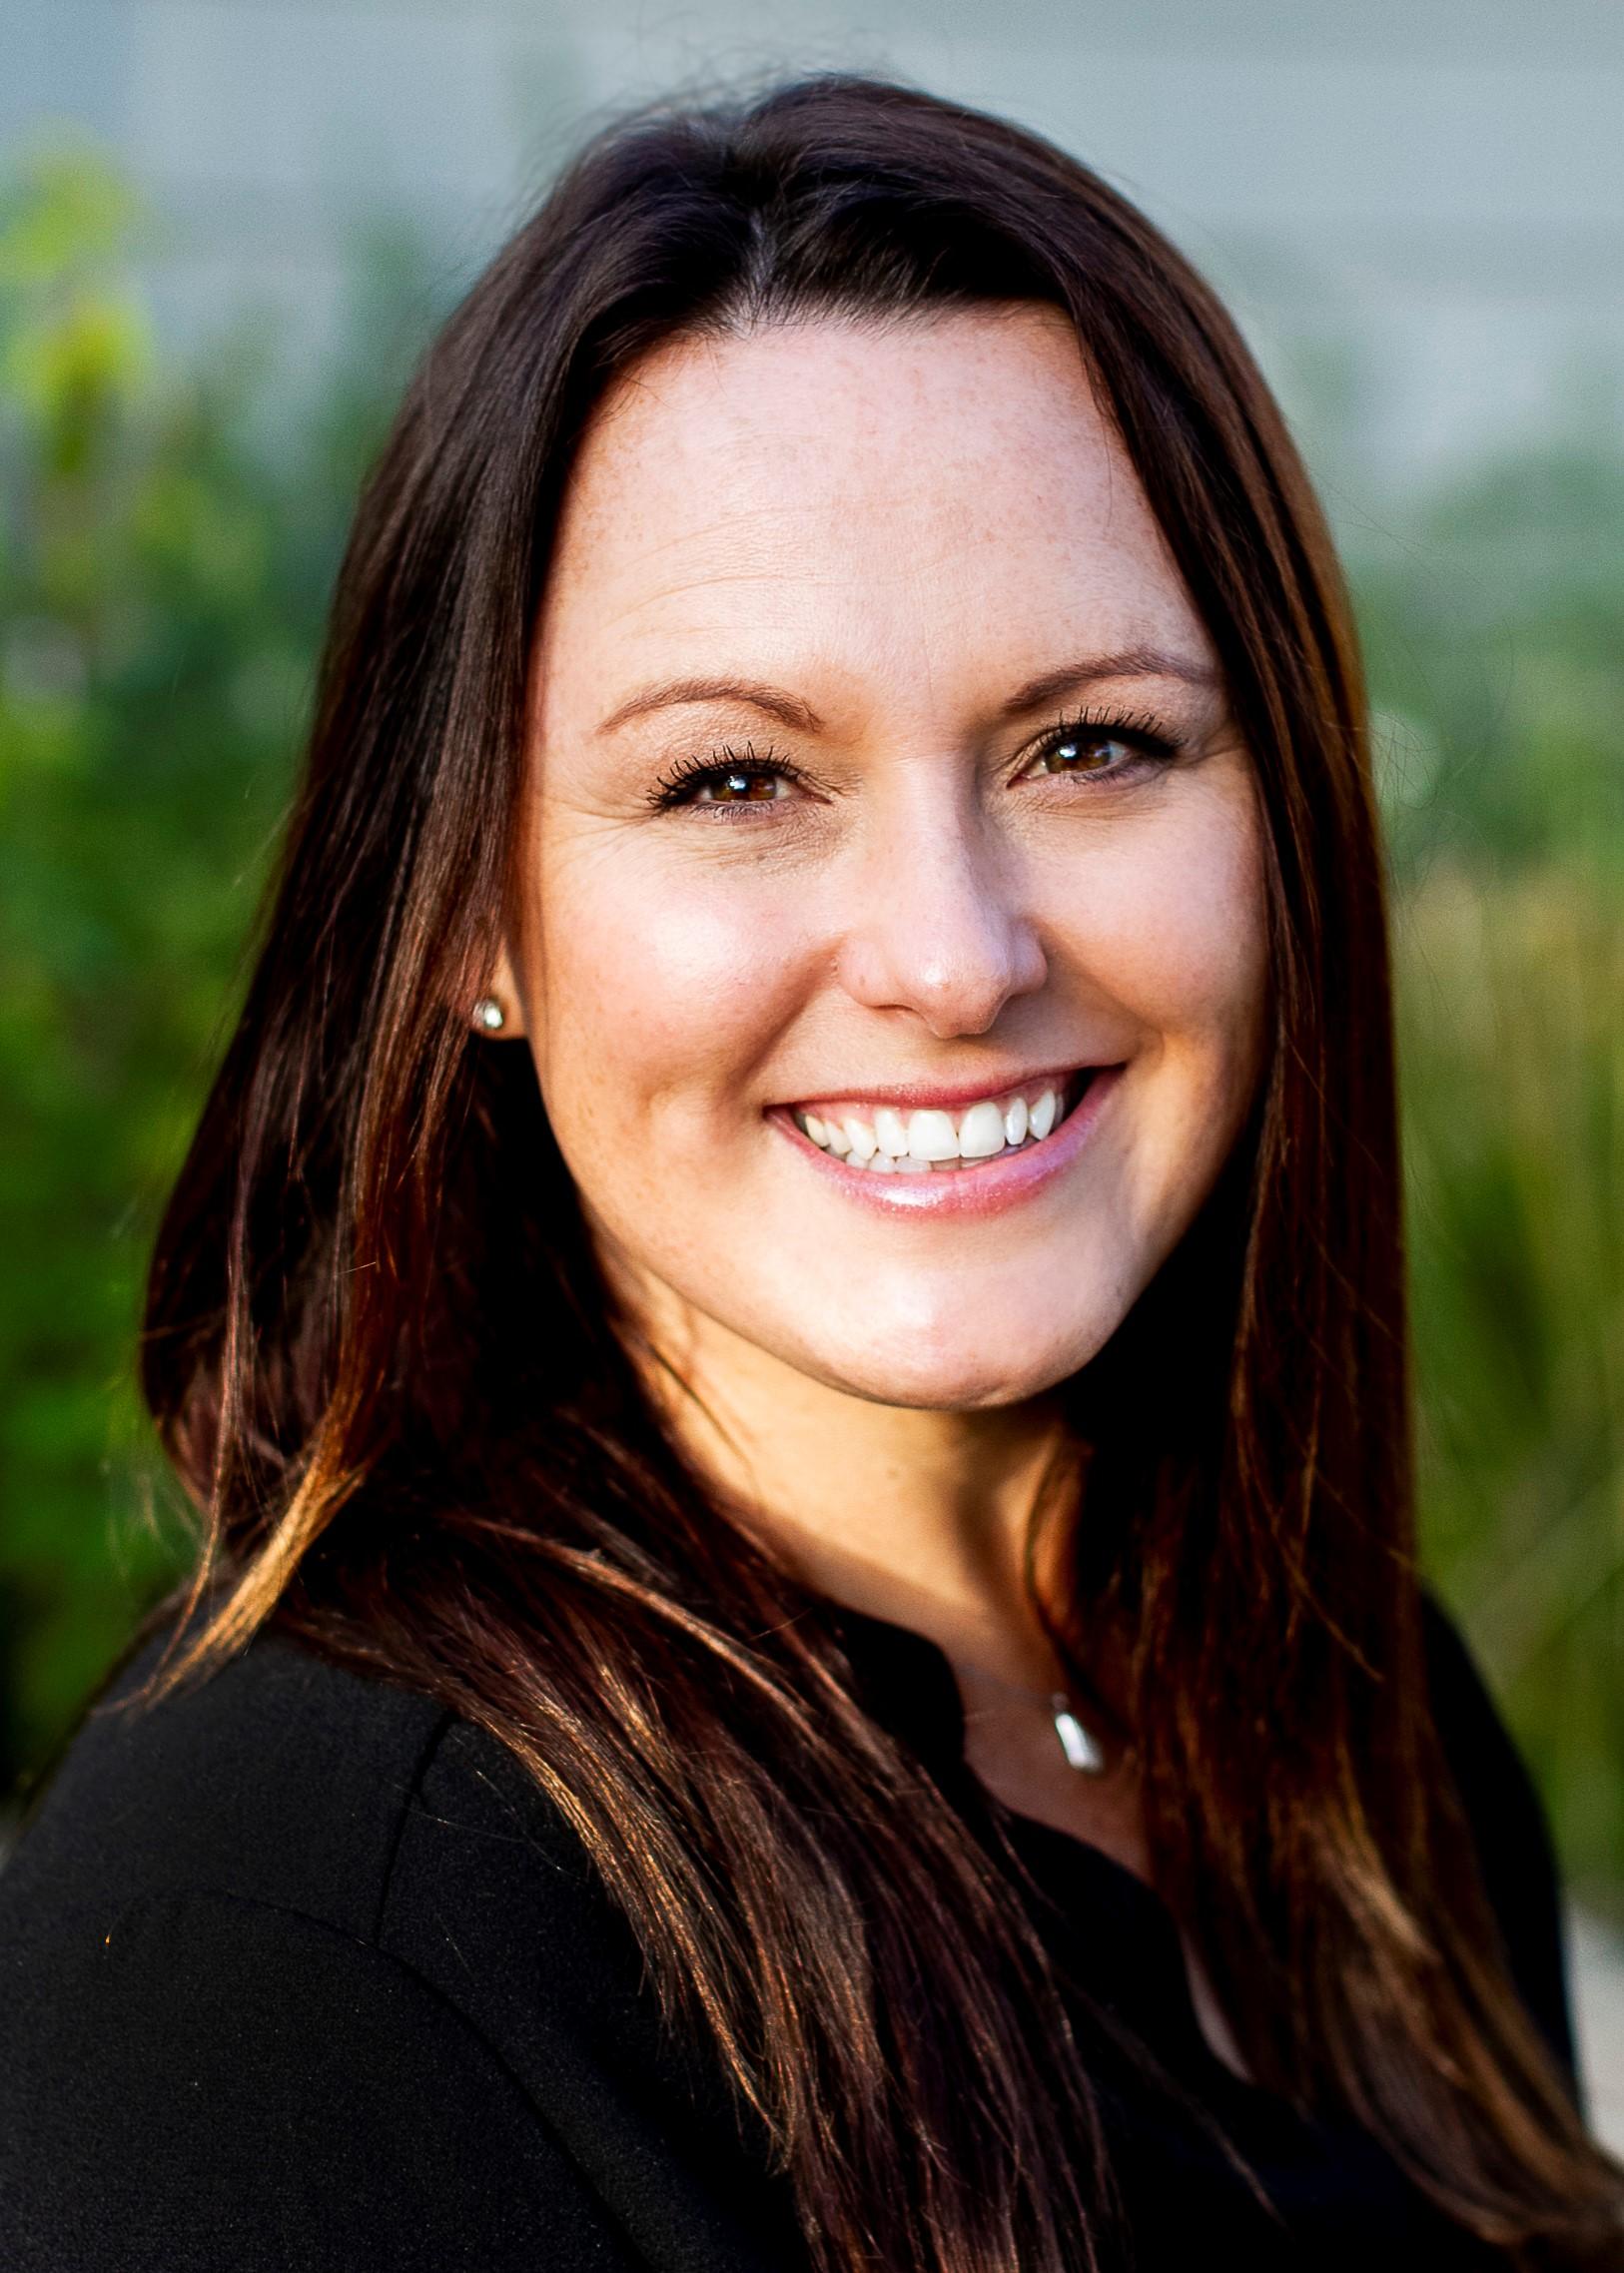 Lauren Herwitt